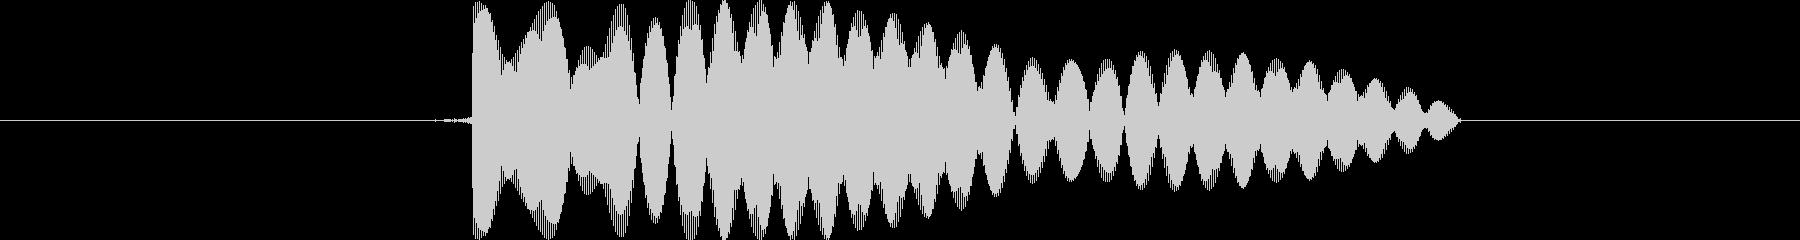 アプリ等で選択や決定をした時の音の未再生の波形